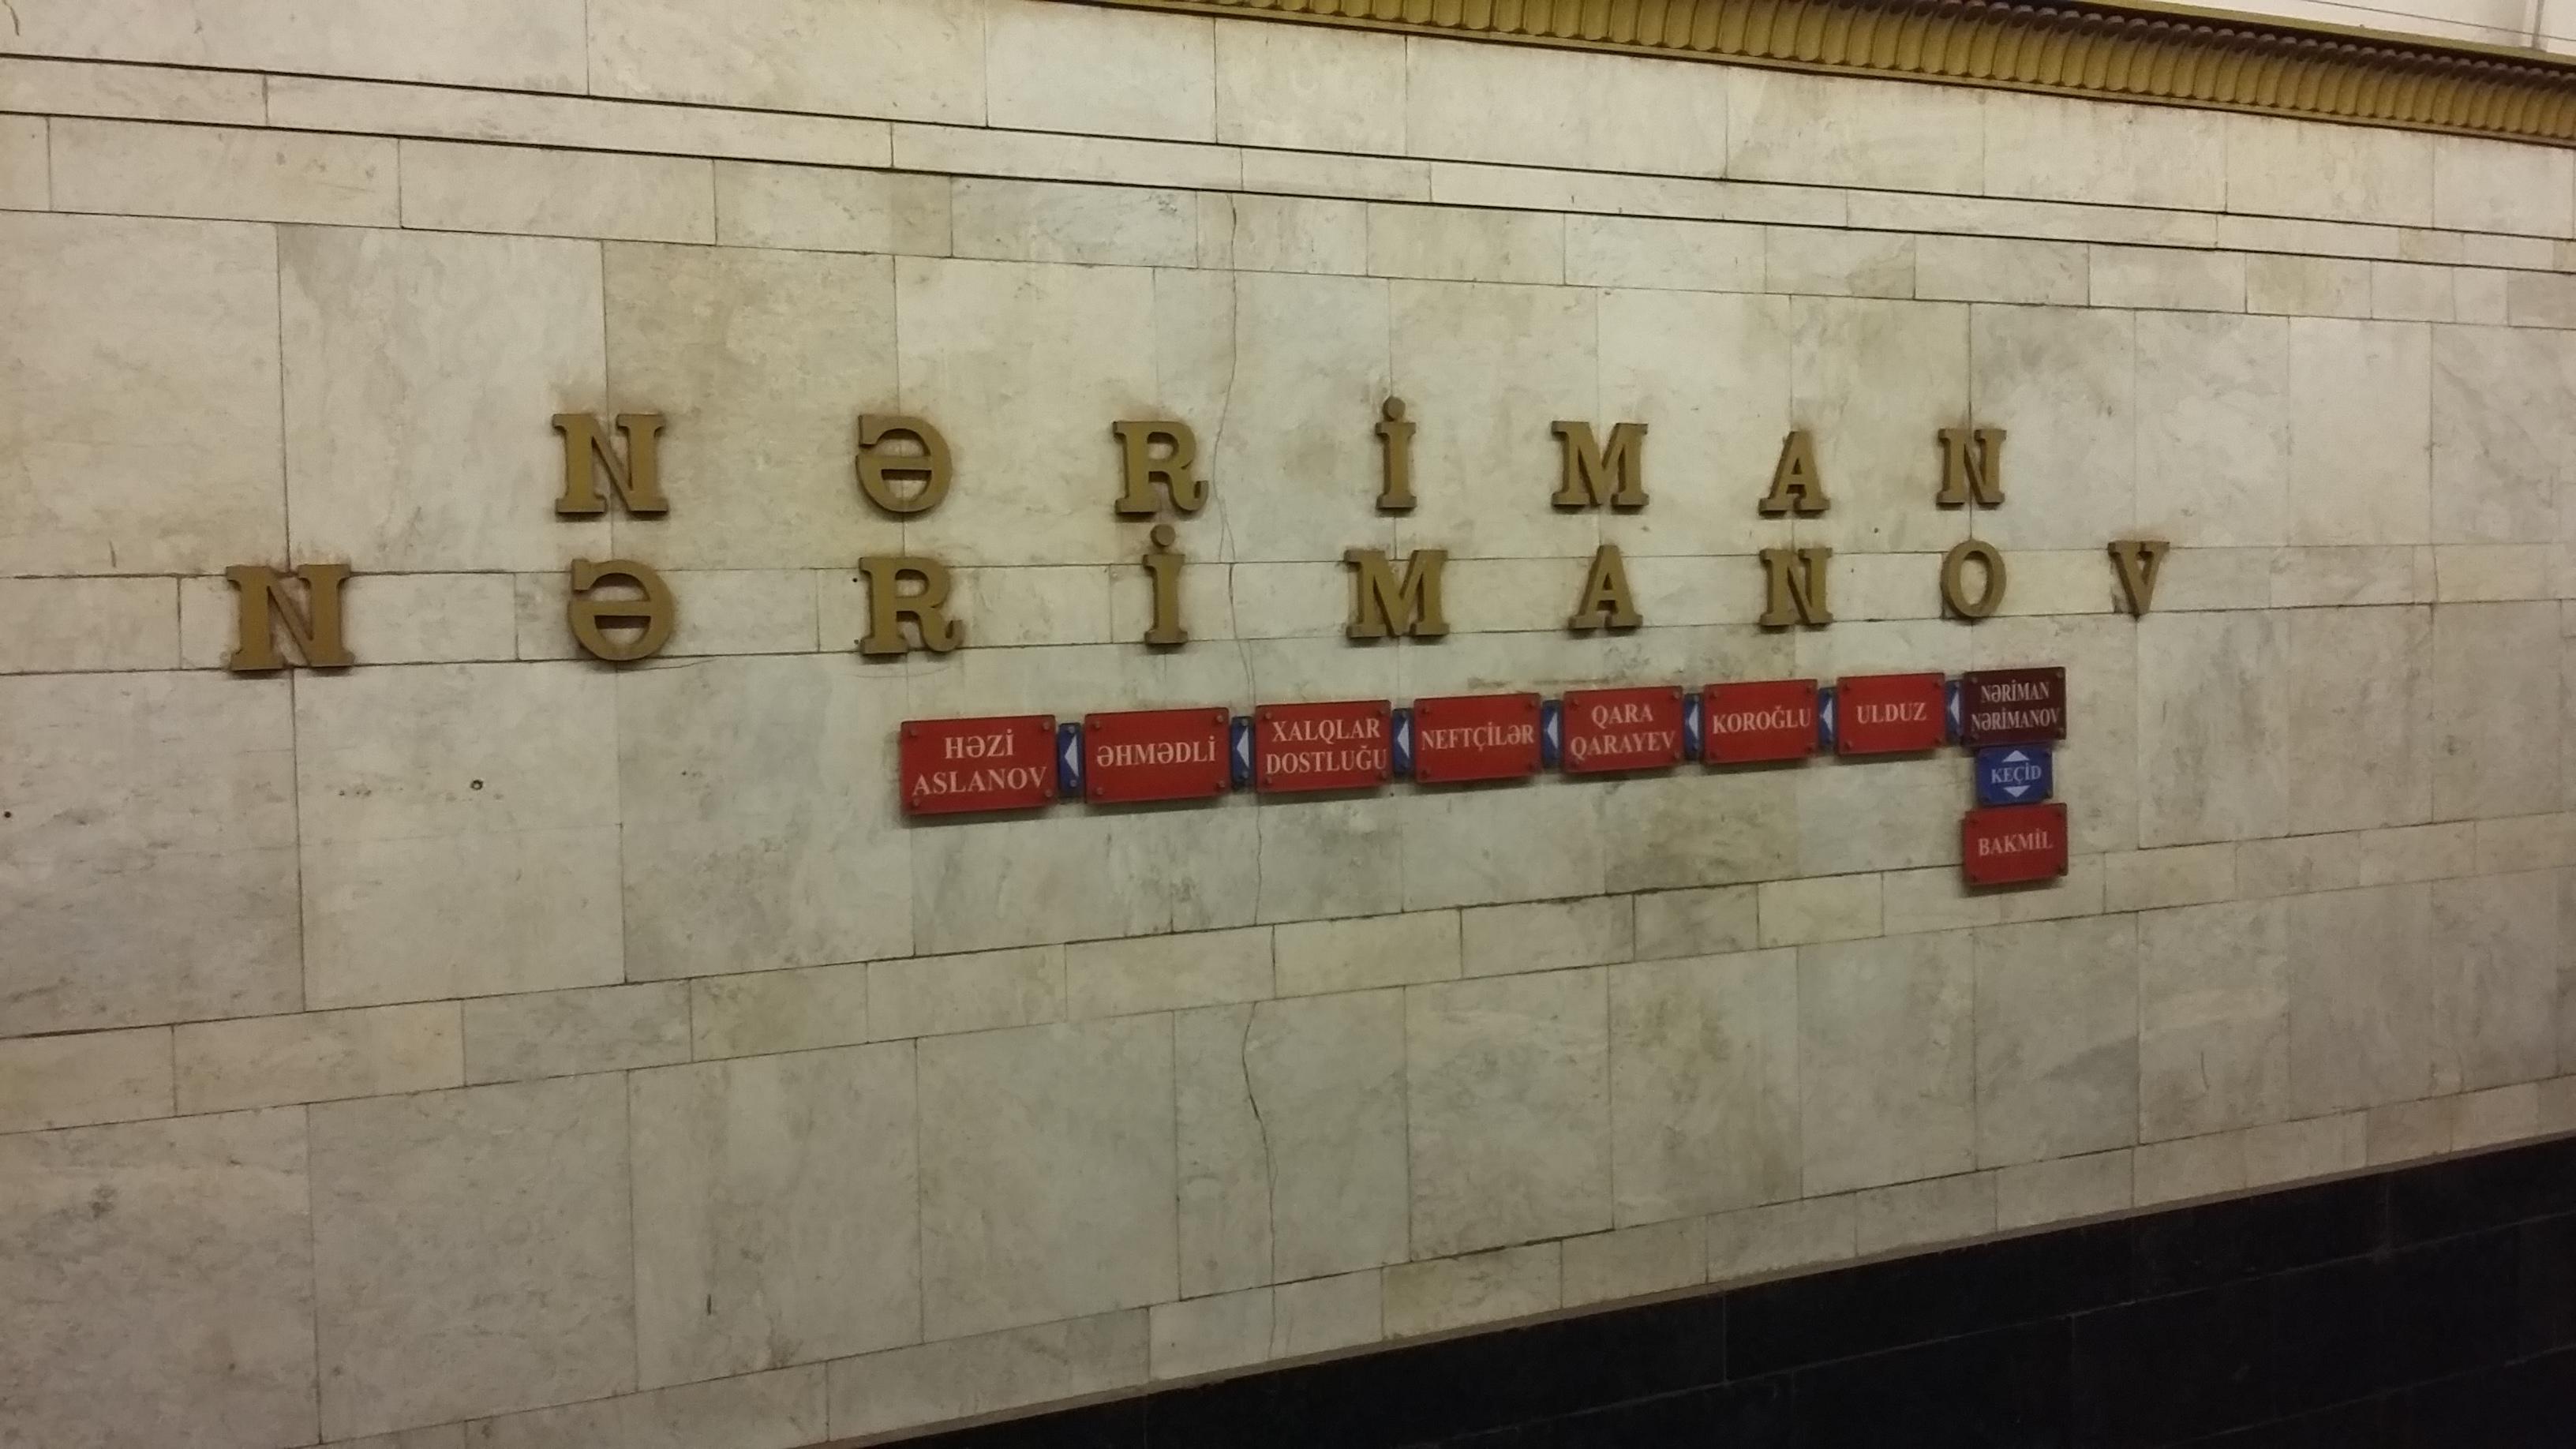 """<p><strong>Metrodan sovet izləri silinir: <span style=""""color:#e74c3c"""">N&ouml;vbə &ldquo;Nərimanov Nərimanov&rdquo;a da &ccedil;atacaq?- A&Ccedil;IQLAMA</span></strong></p>"""